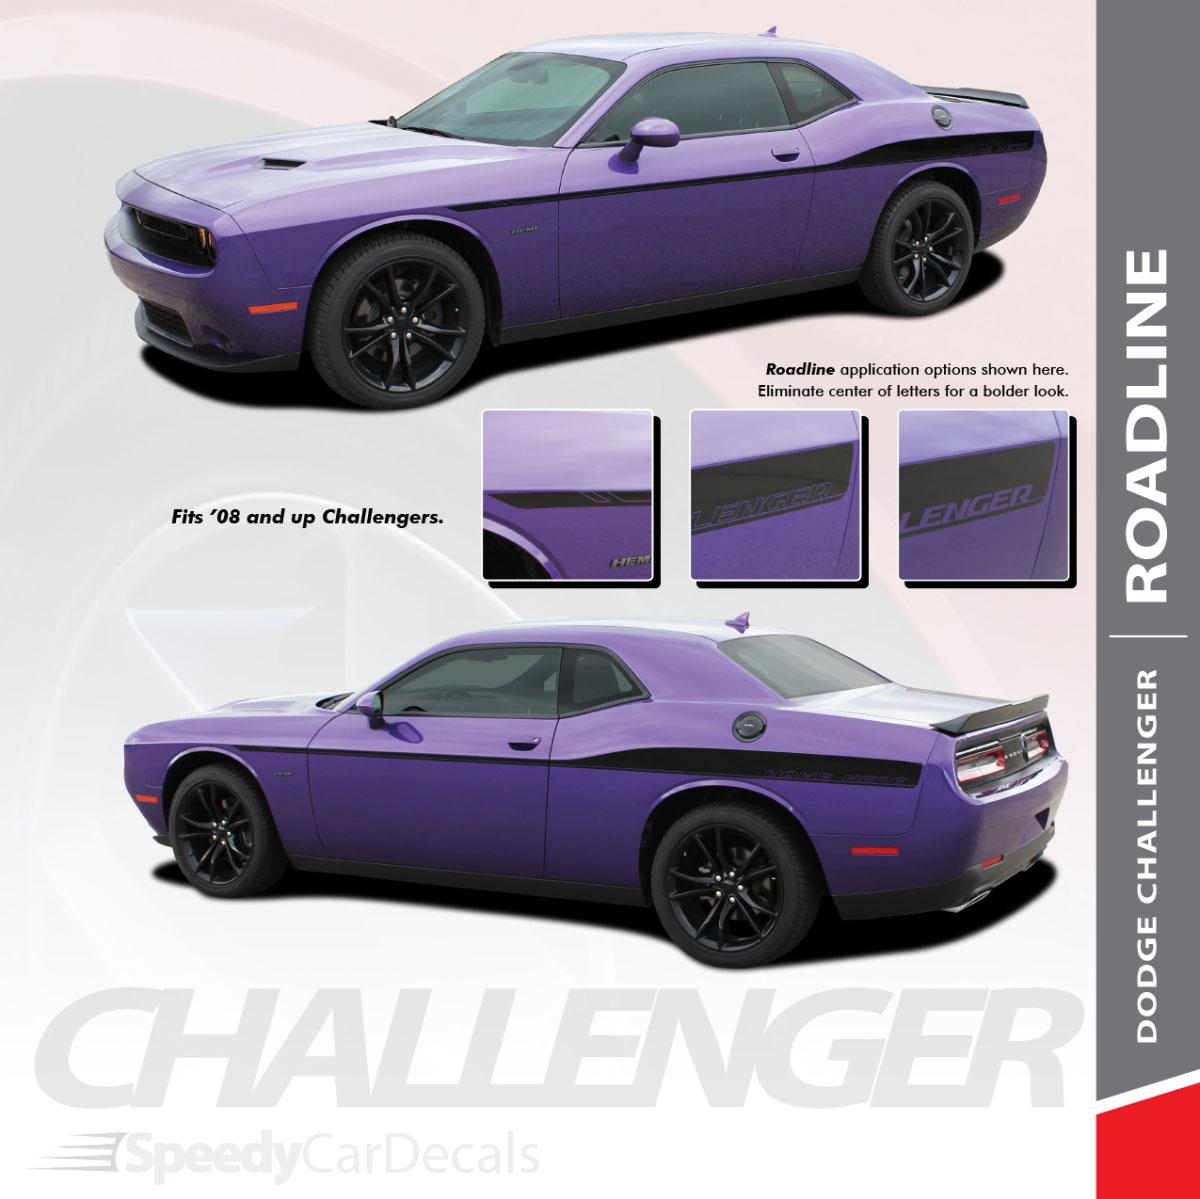 Roadline 2008 2018 2019 dodge challenger wide upper door vinyl graphics side stripes accent